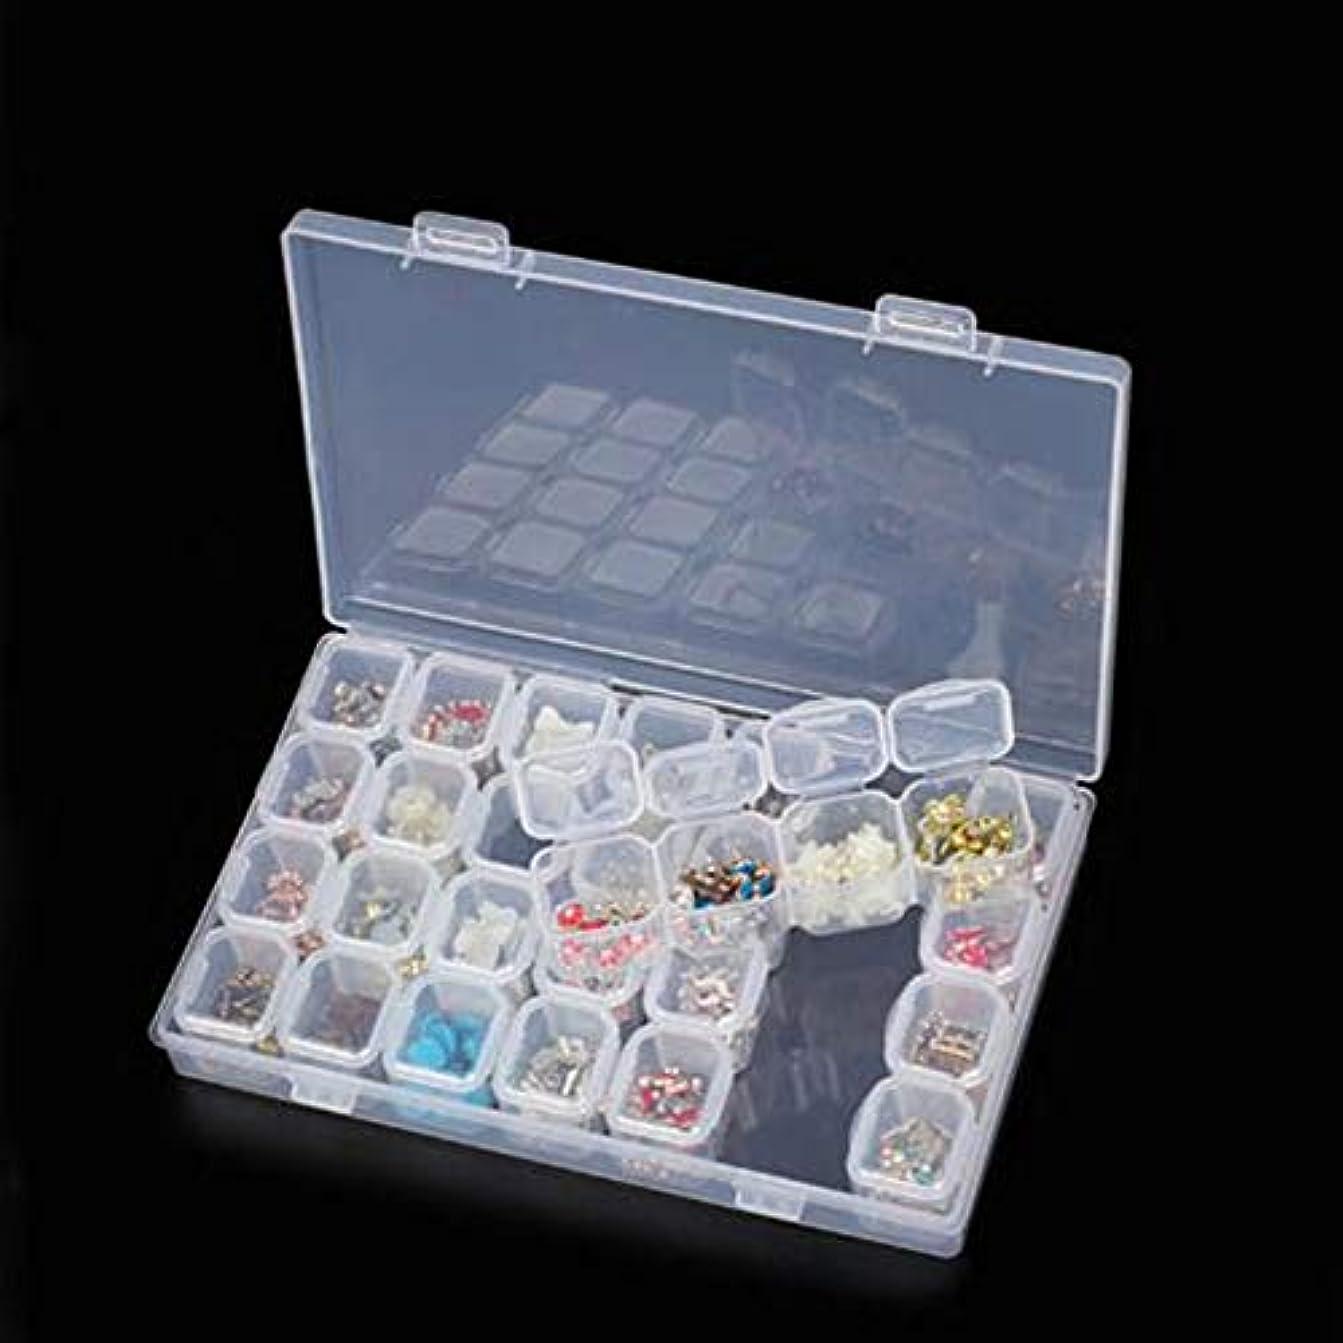 遊び場検出する思い出AAcreatspace 28スロットプラスチック収納ボックスダイヤモンド塗装キットネイルアートラインストーンツールビーズ収納ボックスケースオーガナイザーホルダー